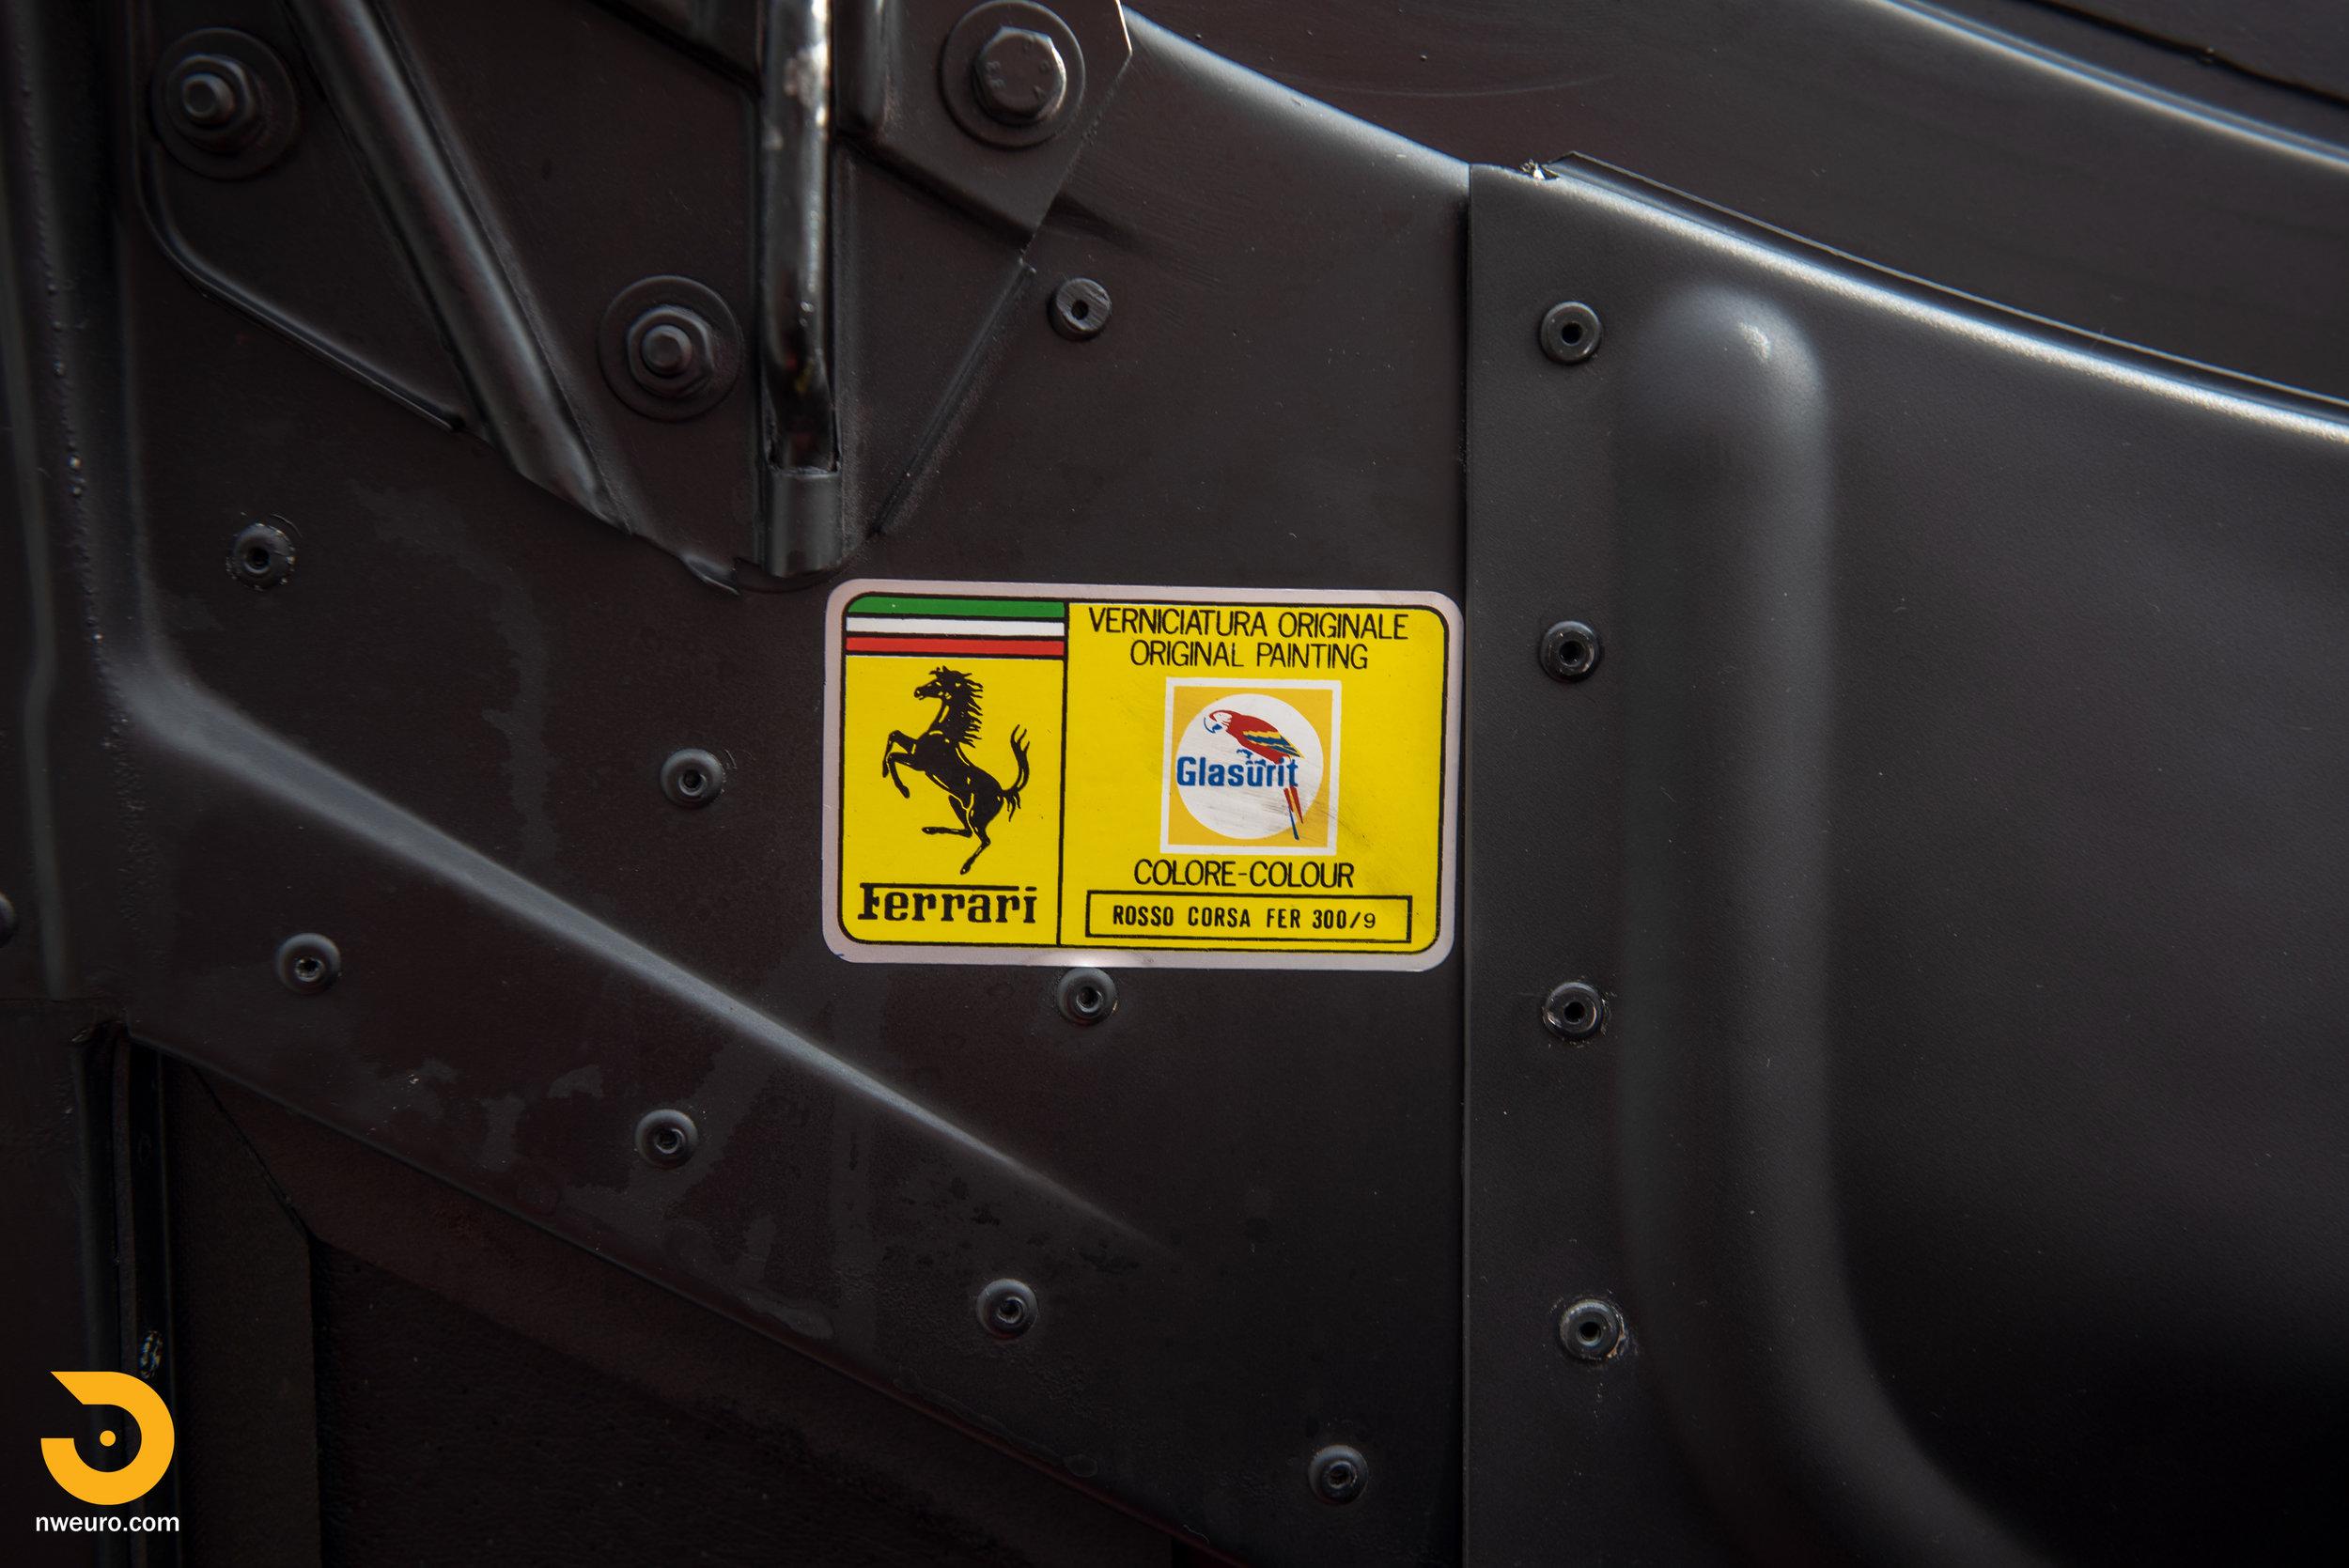 1988 Ferrari Testarossa-39.jpg